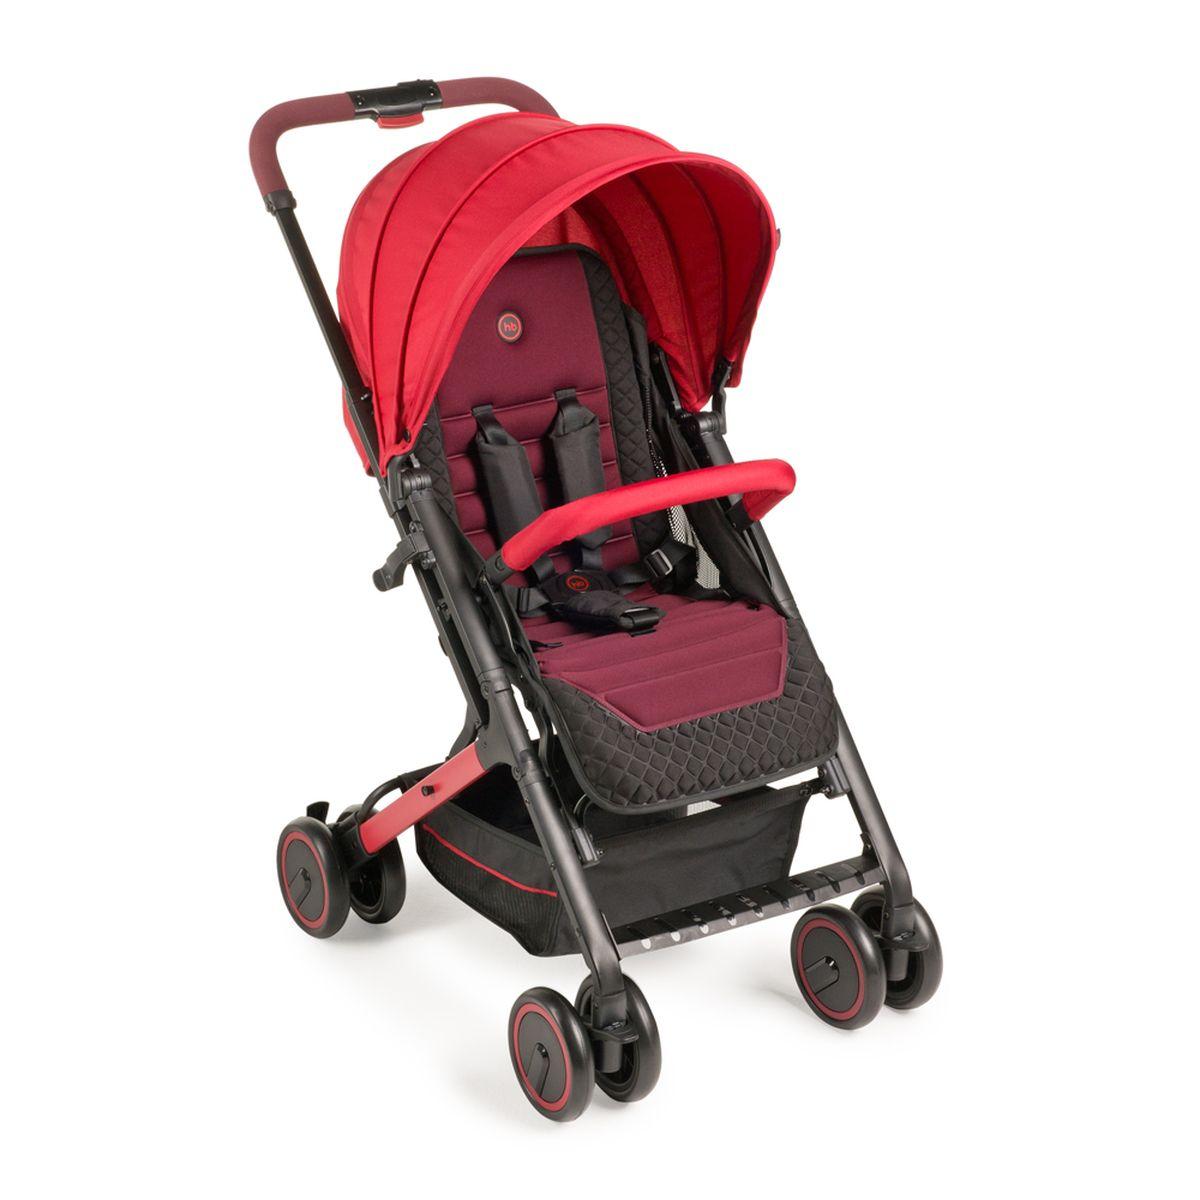 Happy Baby Коляска прогулочная Jetta Cherry4650069783138Коляска JETTA покорит вас своим стильным видом и отличными ходовыми данными. Плавный ход коляски обеспечивают двойные колеса, при этом передние поворачиваются на 360° и могут фиксироваться. Передние и задние колеса оснащены амортизацией, что позволяет преодолевать ступеньки с комфортом для ребенка. Коляска JETTA легко складывается одной рукой, имеет съемный бампер, регулируемую с помощью ремня спинку, а также вместительную корзину. ХАРАКТЕРИСТИКИ • Плавная регулировка наклона спинки, количество положений не ограничено • Регулируемая подножка, 3 положения • Регулируемая по высоте ручка, 3 положения • Пятиточечные ремни безопасности с мягкими накладками • Колеса: пластиковые с покрытием PP (полипропилен) • Диаметр колес: 15 см • Передние поворотные колеса с возможностью фиксации • Удобная тормозная педаль на заднем колесе • Амортизация на передних и задних колесах • Вместительная корзина для покупок • В комплекте: дождевик, чехол на ножки, москитная сетка • Возраст: от 7 месяцев •...